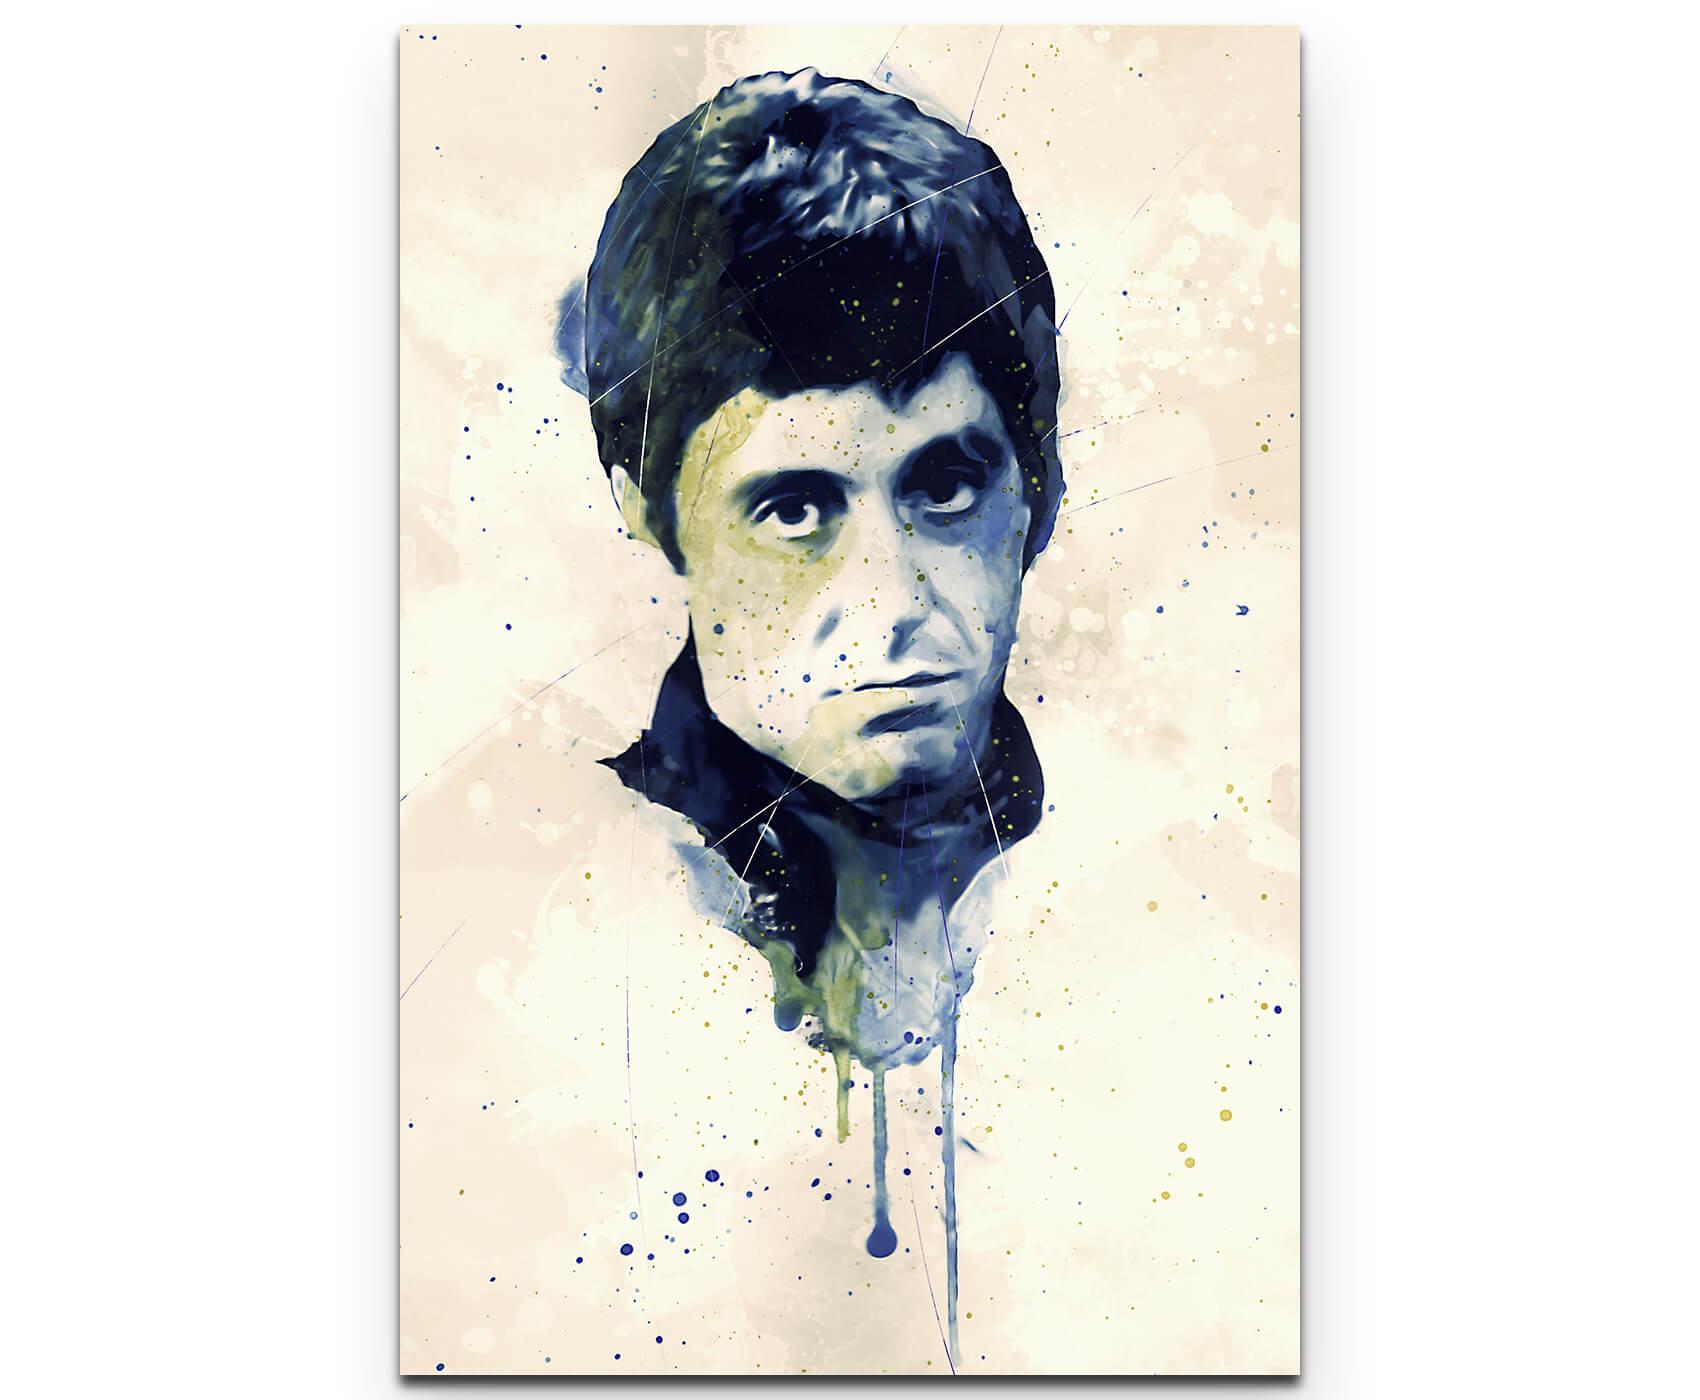 Al Pacino Scarface I als Premium Leinwandbild | Splash Art ...